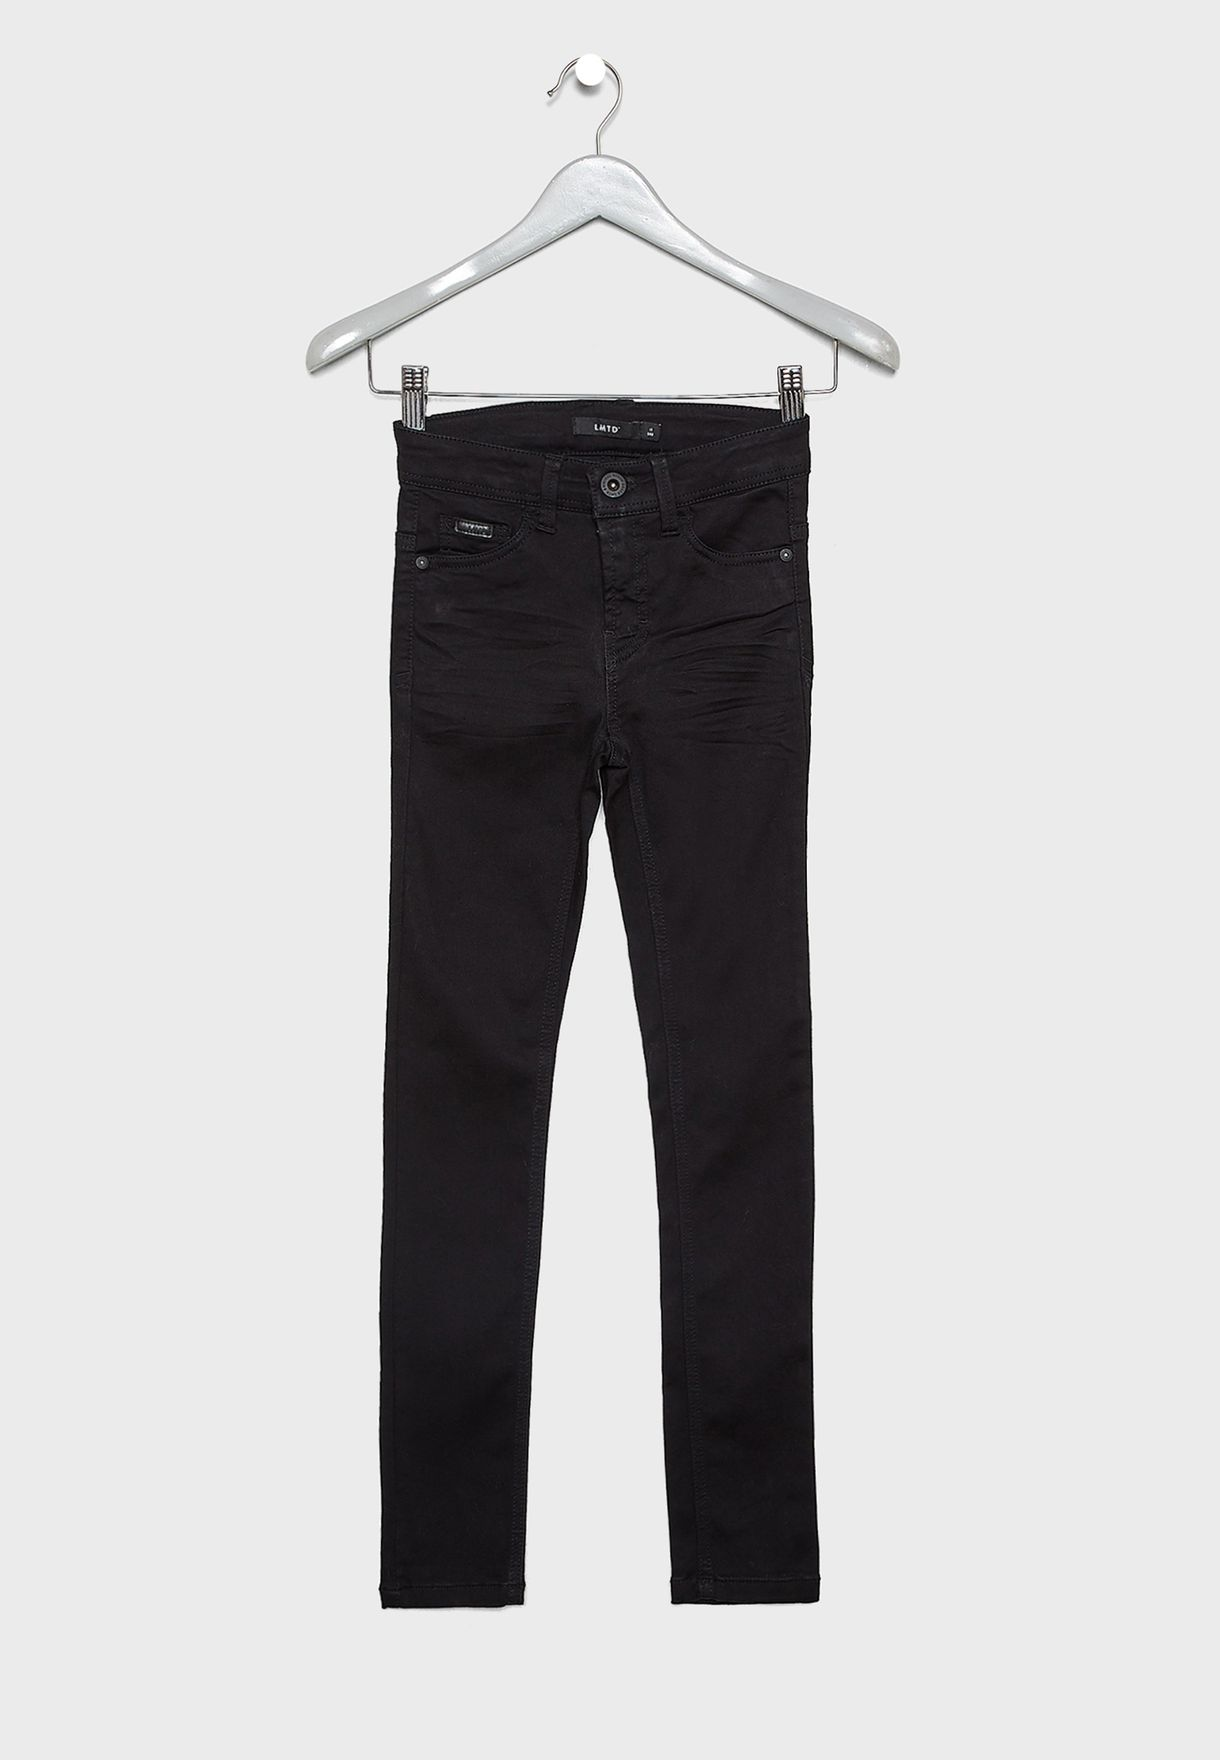 Kids Tie Dye Jeans